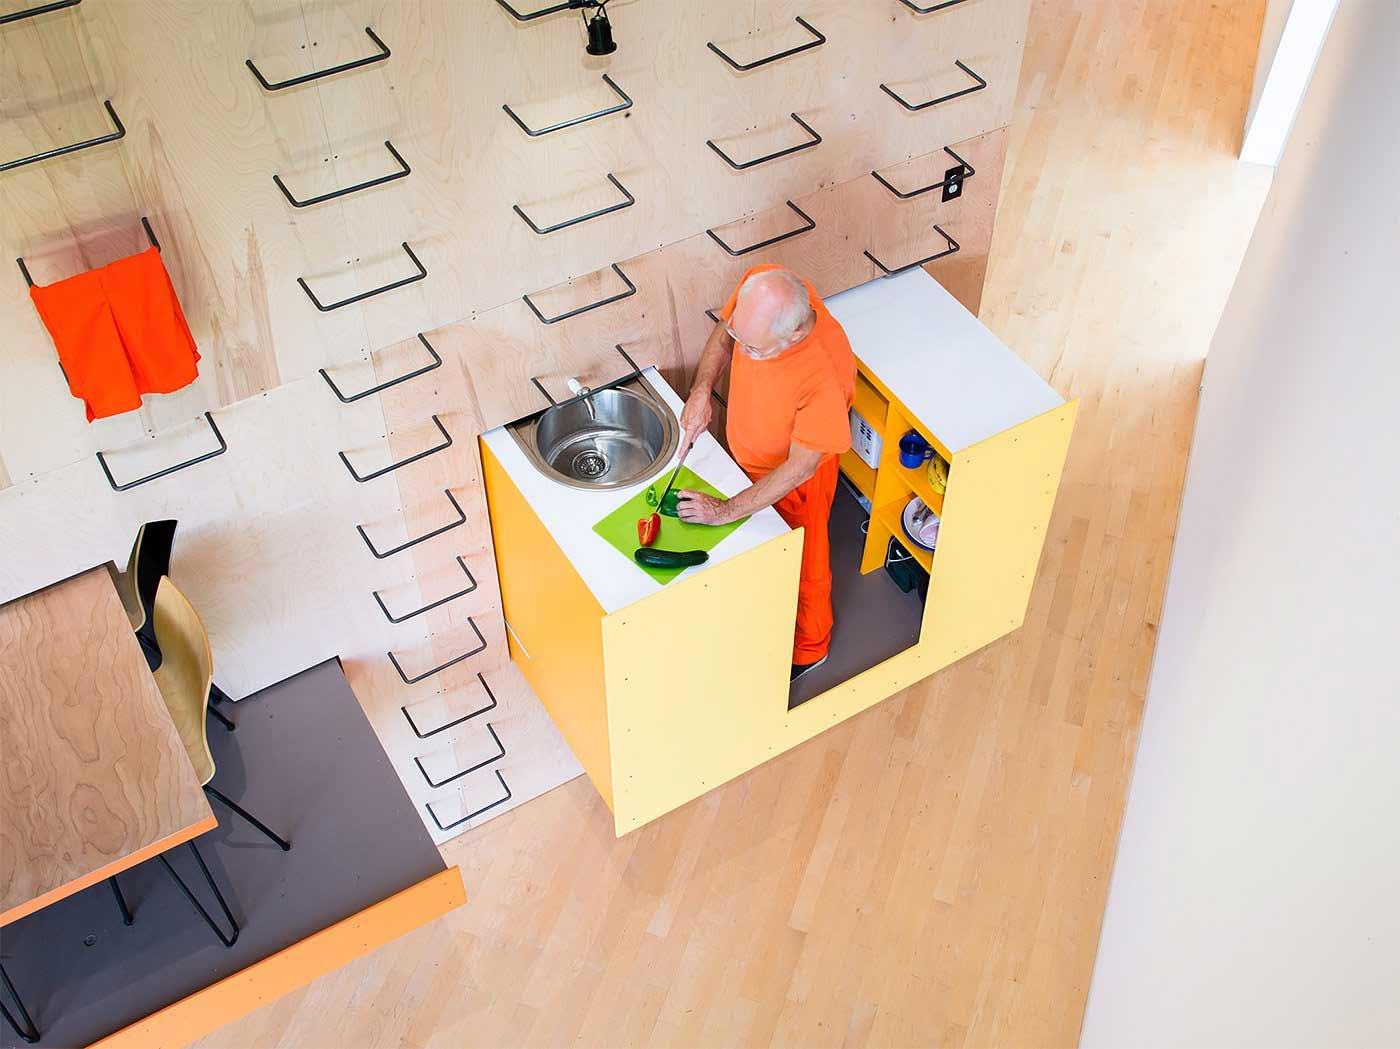 Architektur-Installationen von Alex Schweder & Ward Shelley Alex-Schweder-und-Ward-Shelley_07